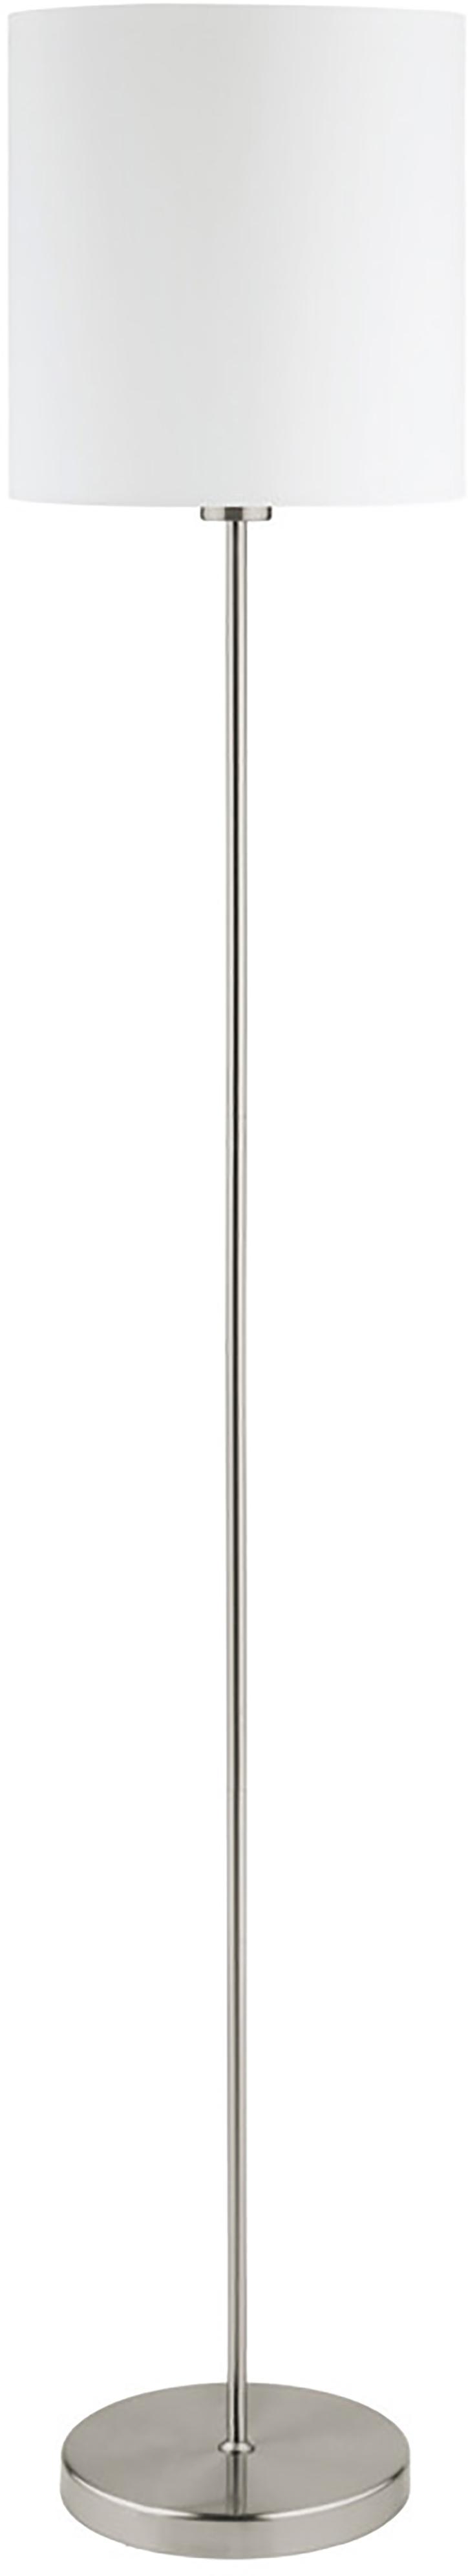 Stehlampe Mick mit Stoffschirm, Lampenschirm: Textil, Lampenfuß: Metall, vernickelt, Weiß,Silberfarben, ∅ 28 x H 158 cm